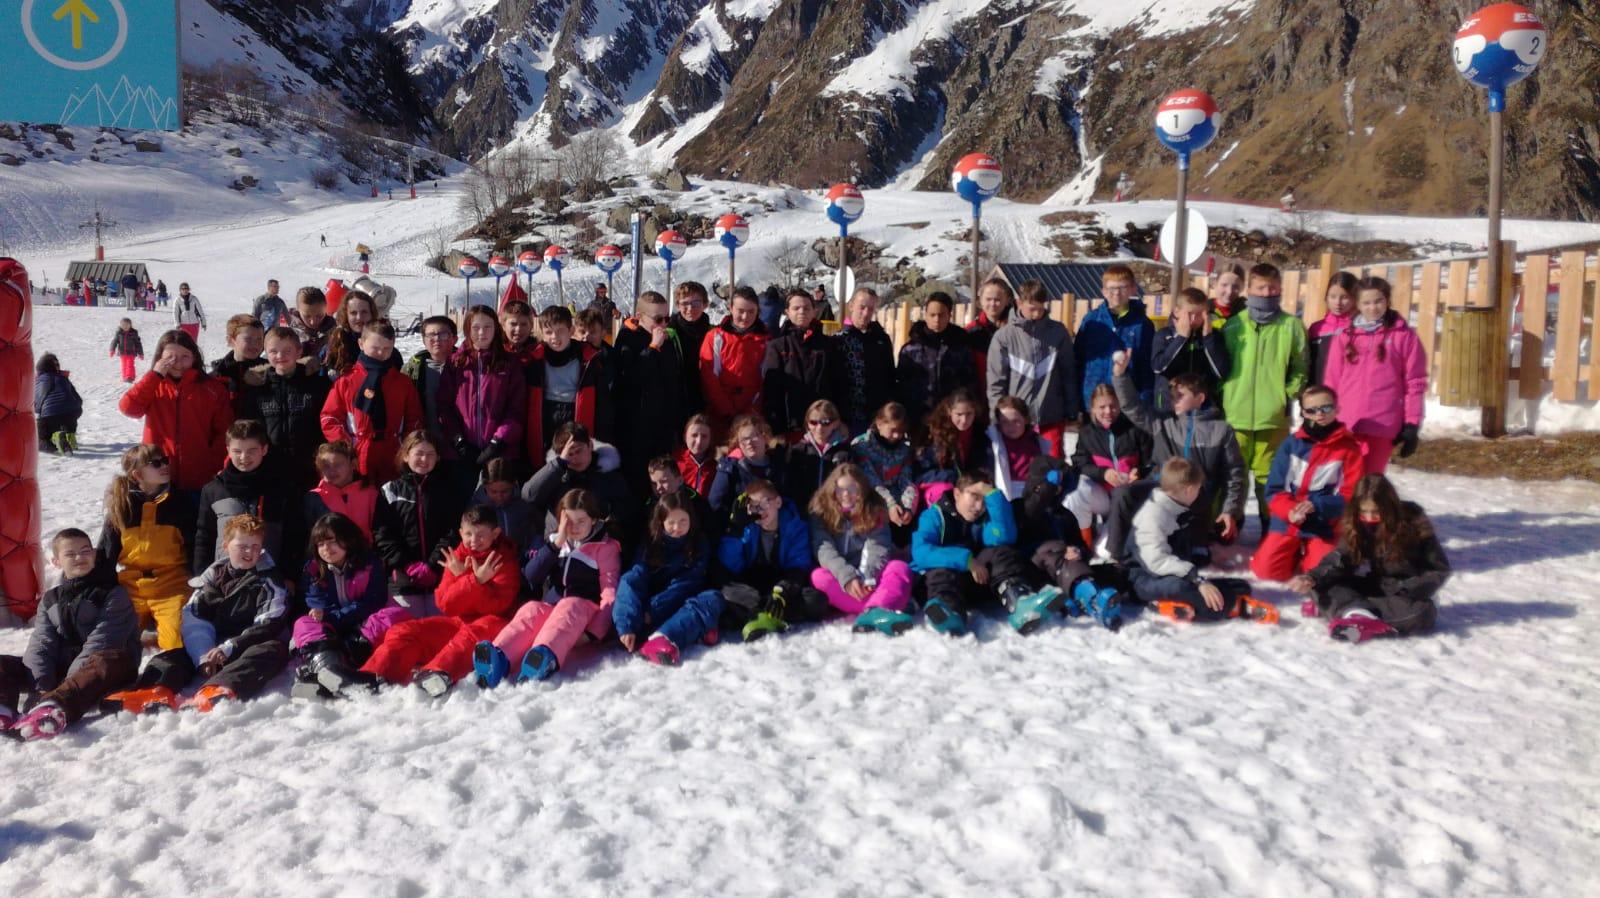 Séjour au ski jour 5 et arrivée